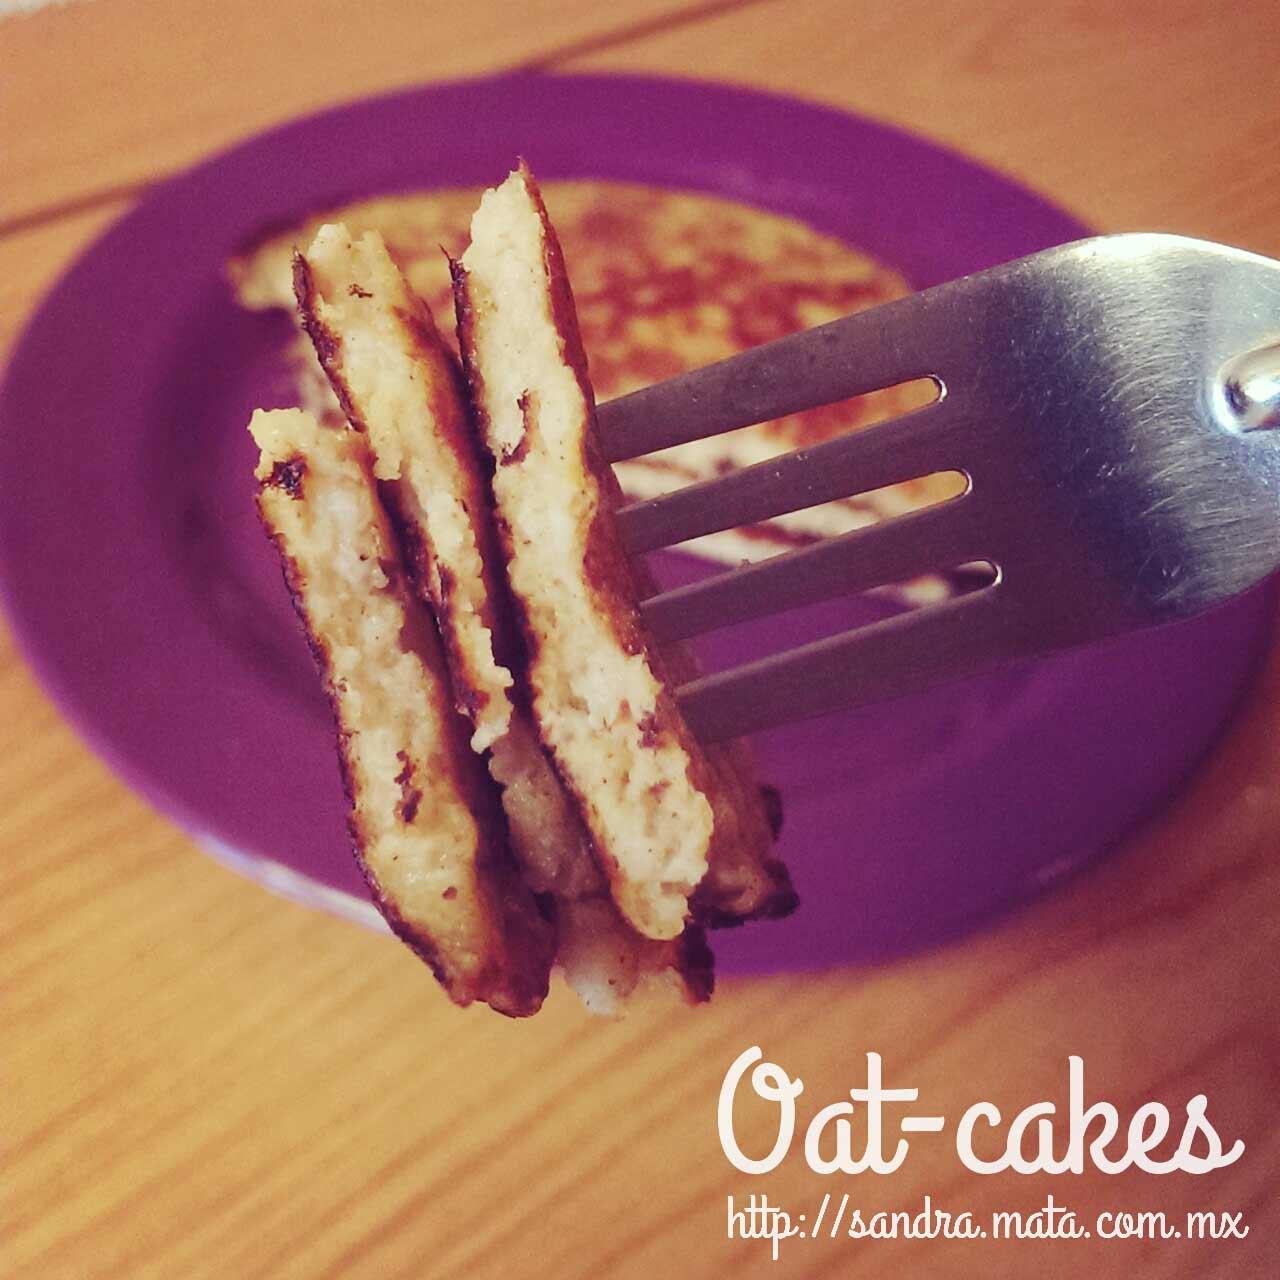 Hotcakes listos para comer